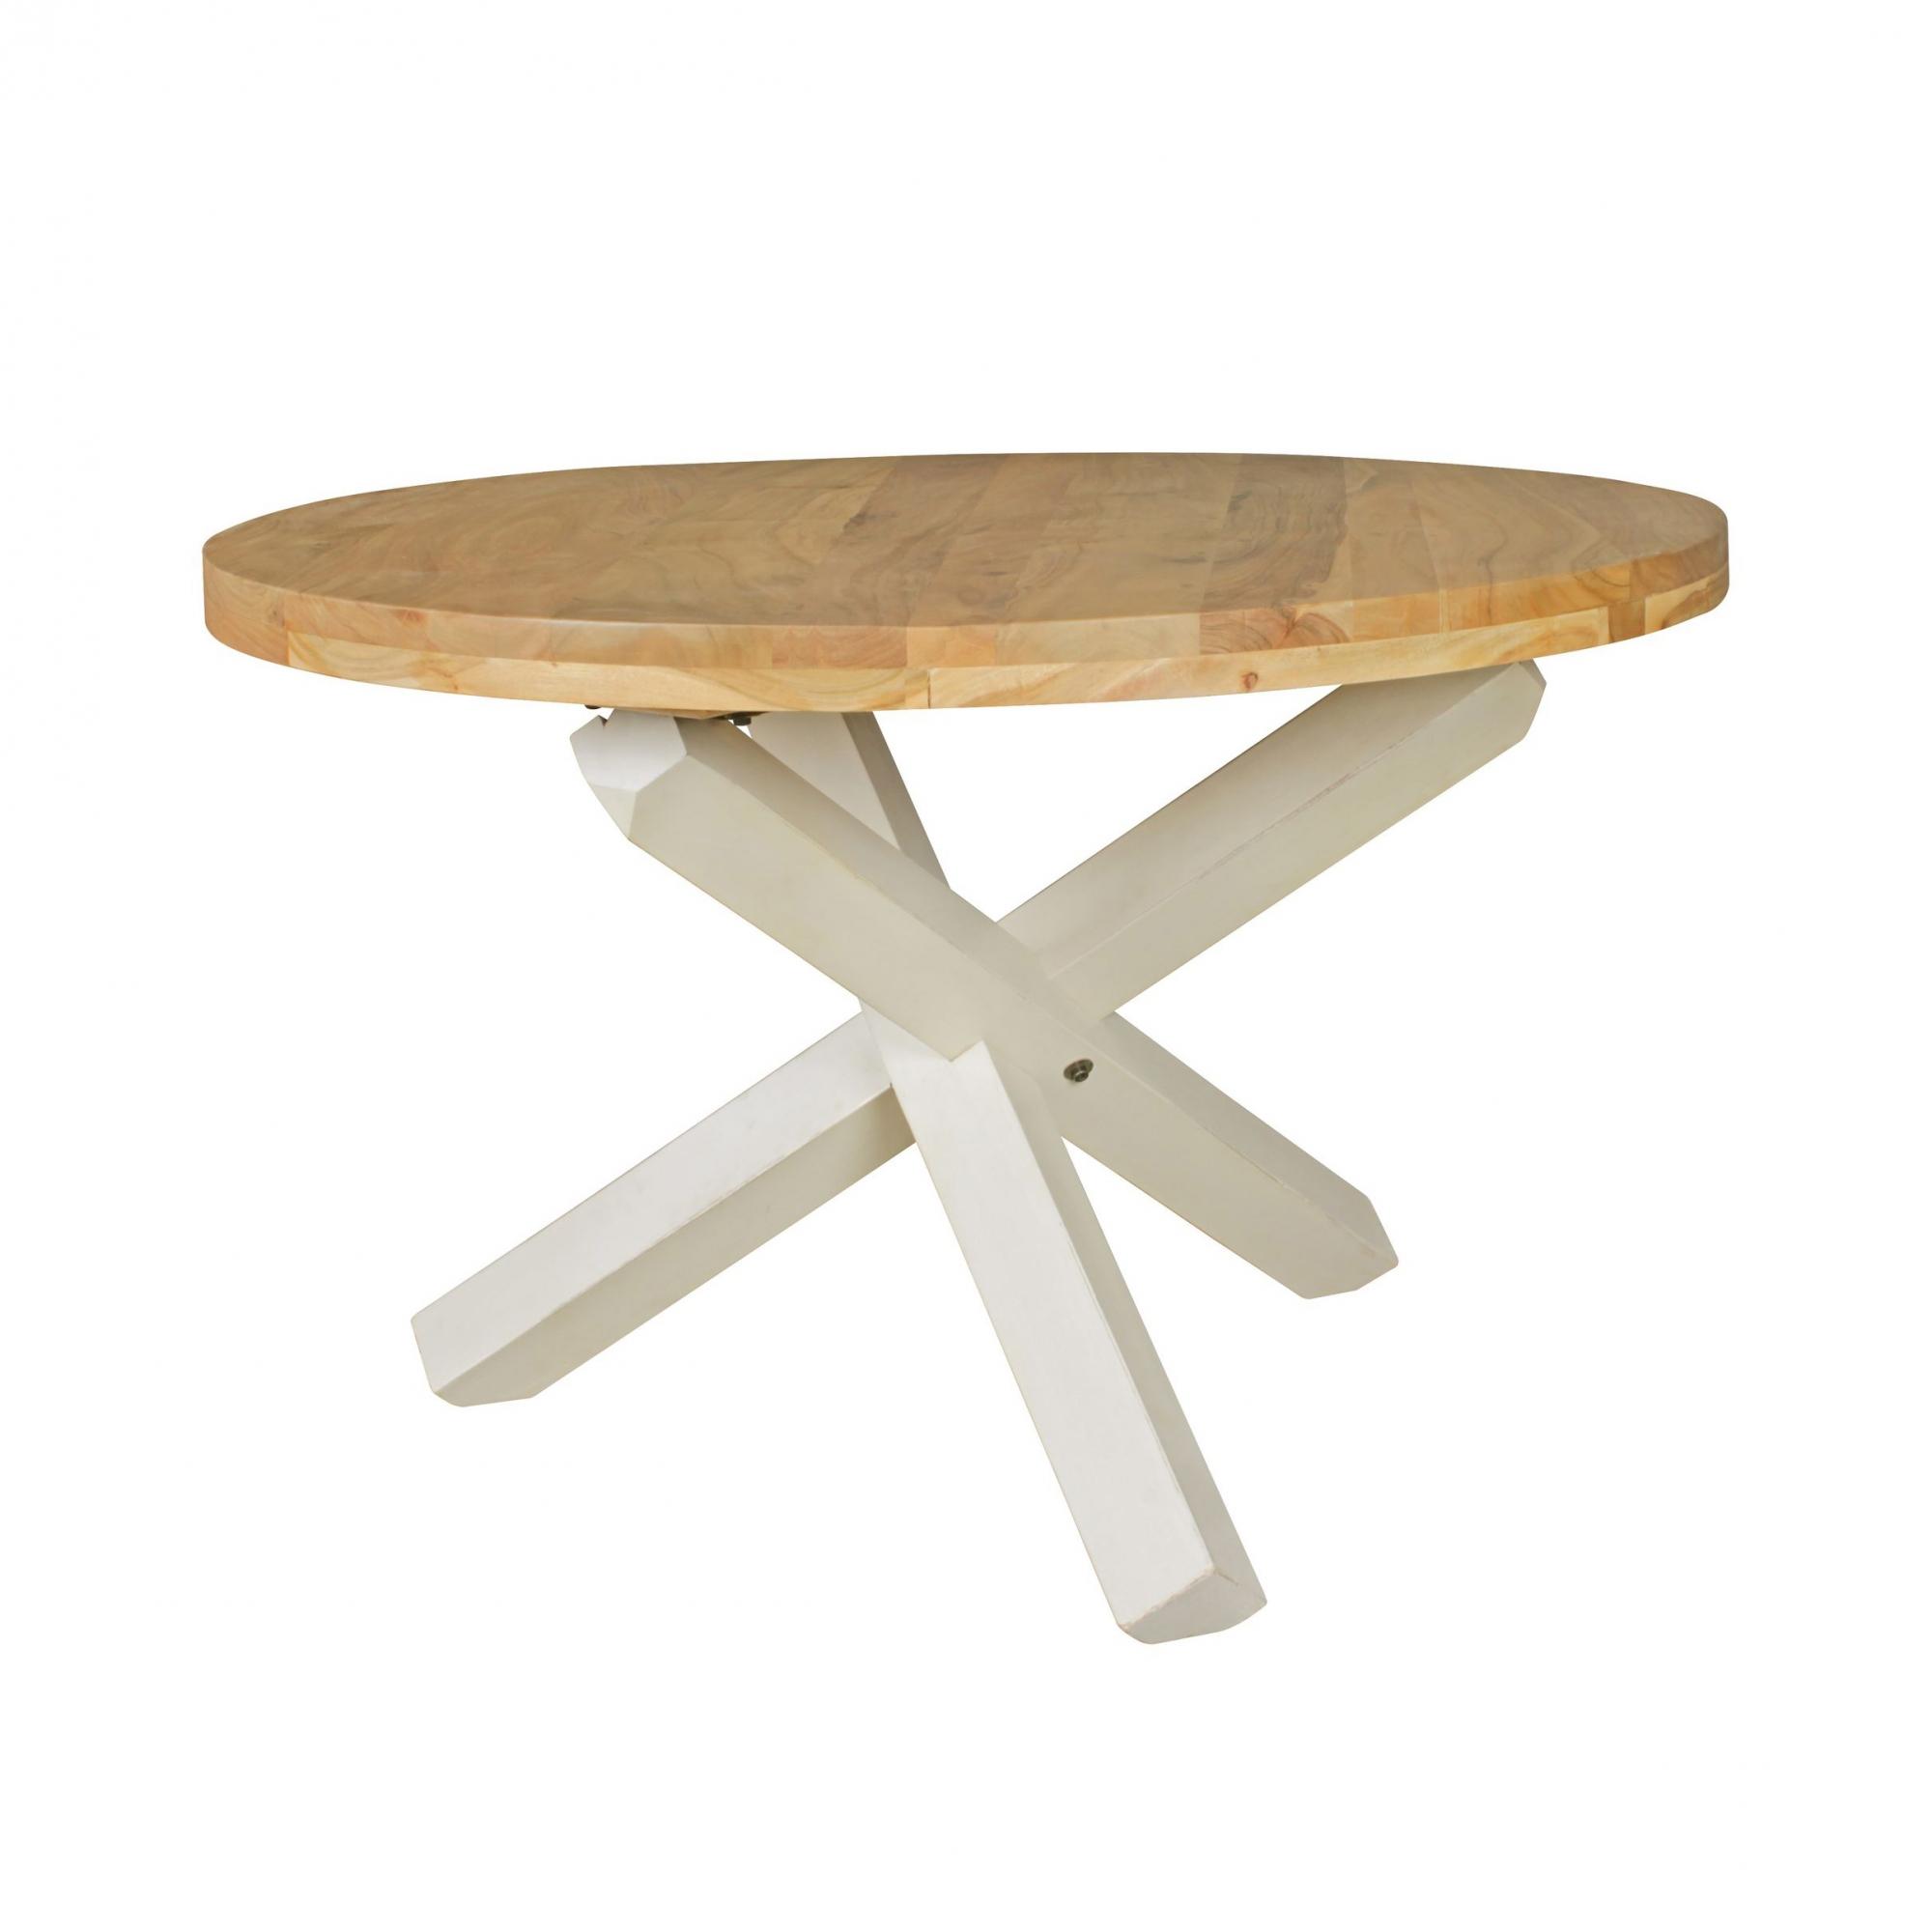 Jídelní stůl Boha kulatý, 120 cm, masiv akát